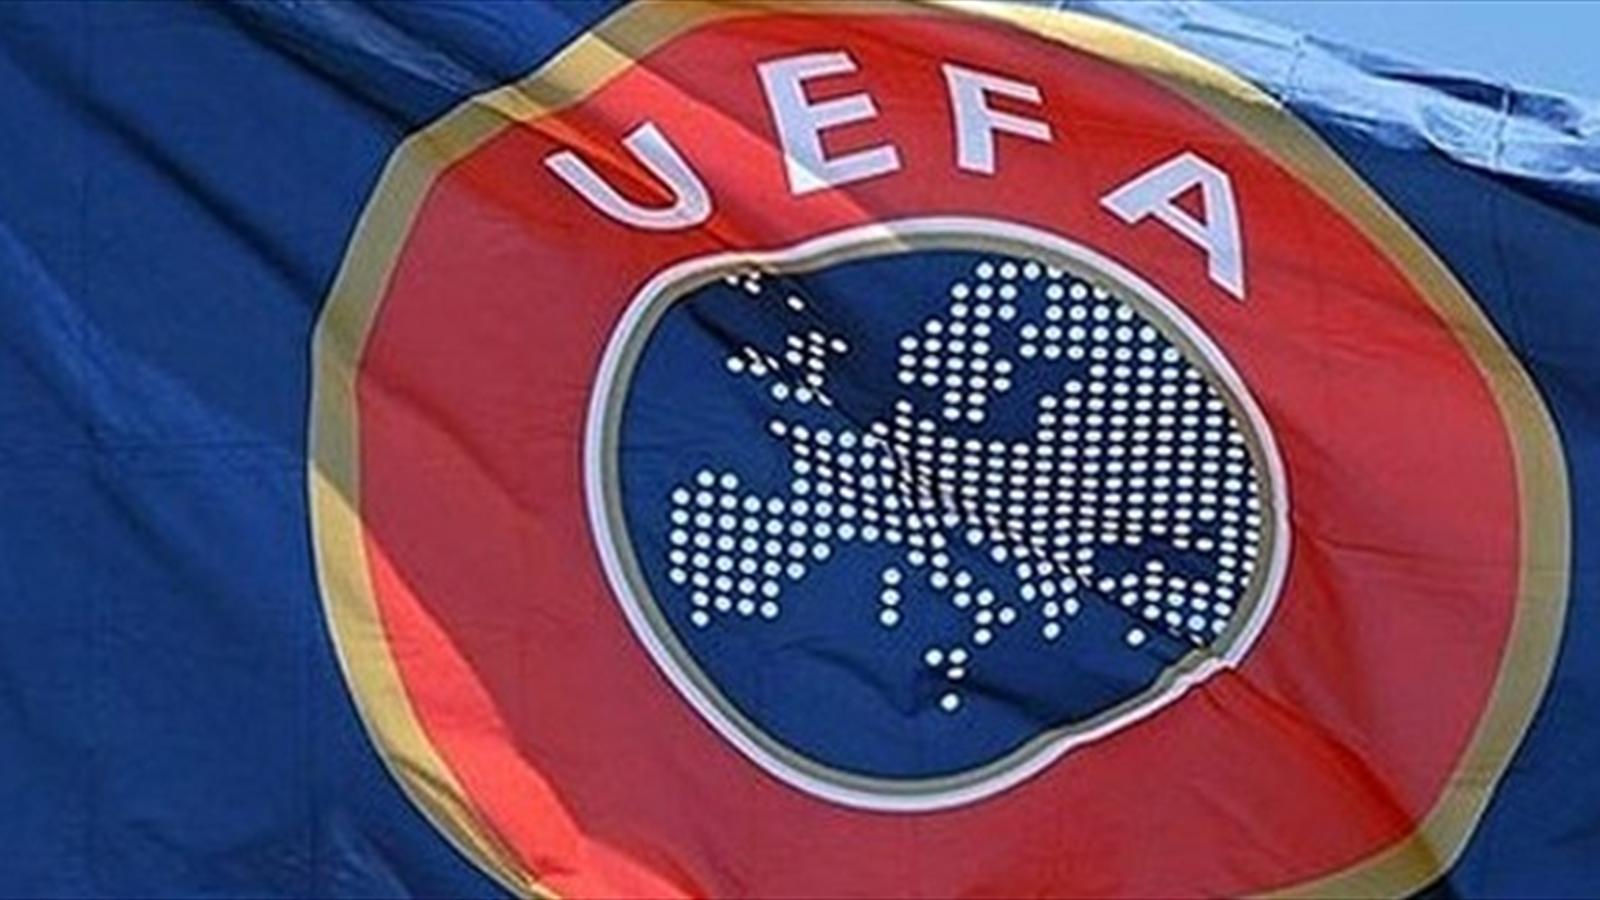 Le PSG a répondu aux attentes de l'UEFA cet été, mais son dossier est toujours réexaminé explique RMC